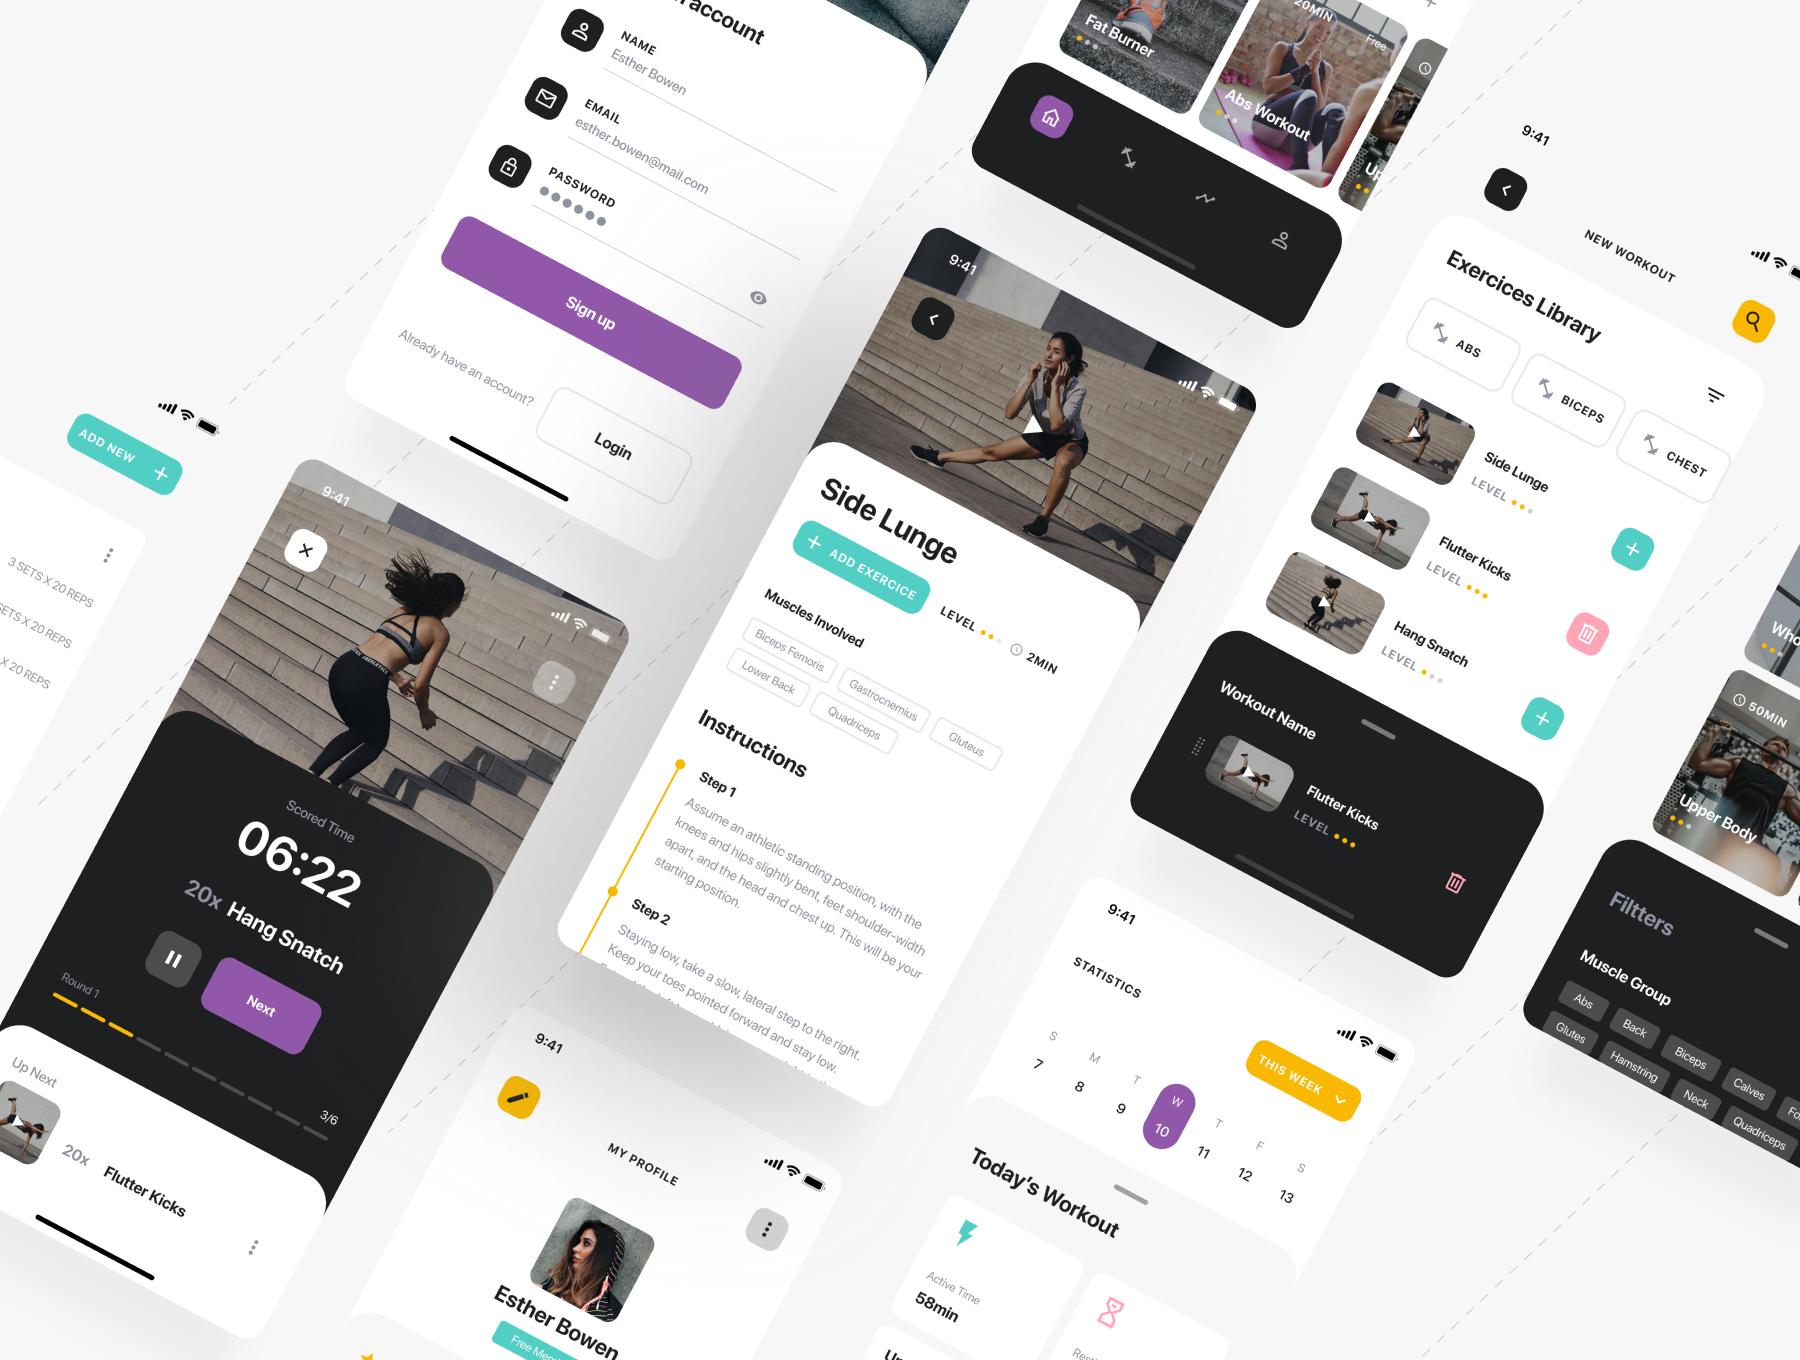 锻炼健身应用APP界面设计UI套件 Savage iOS UI Kit插图(4)